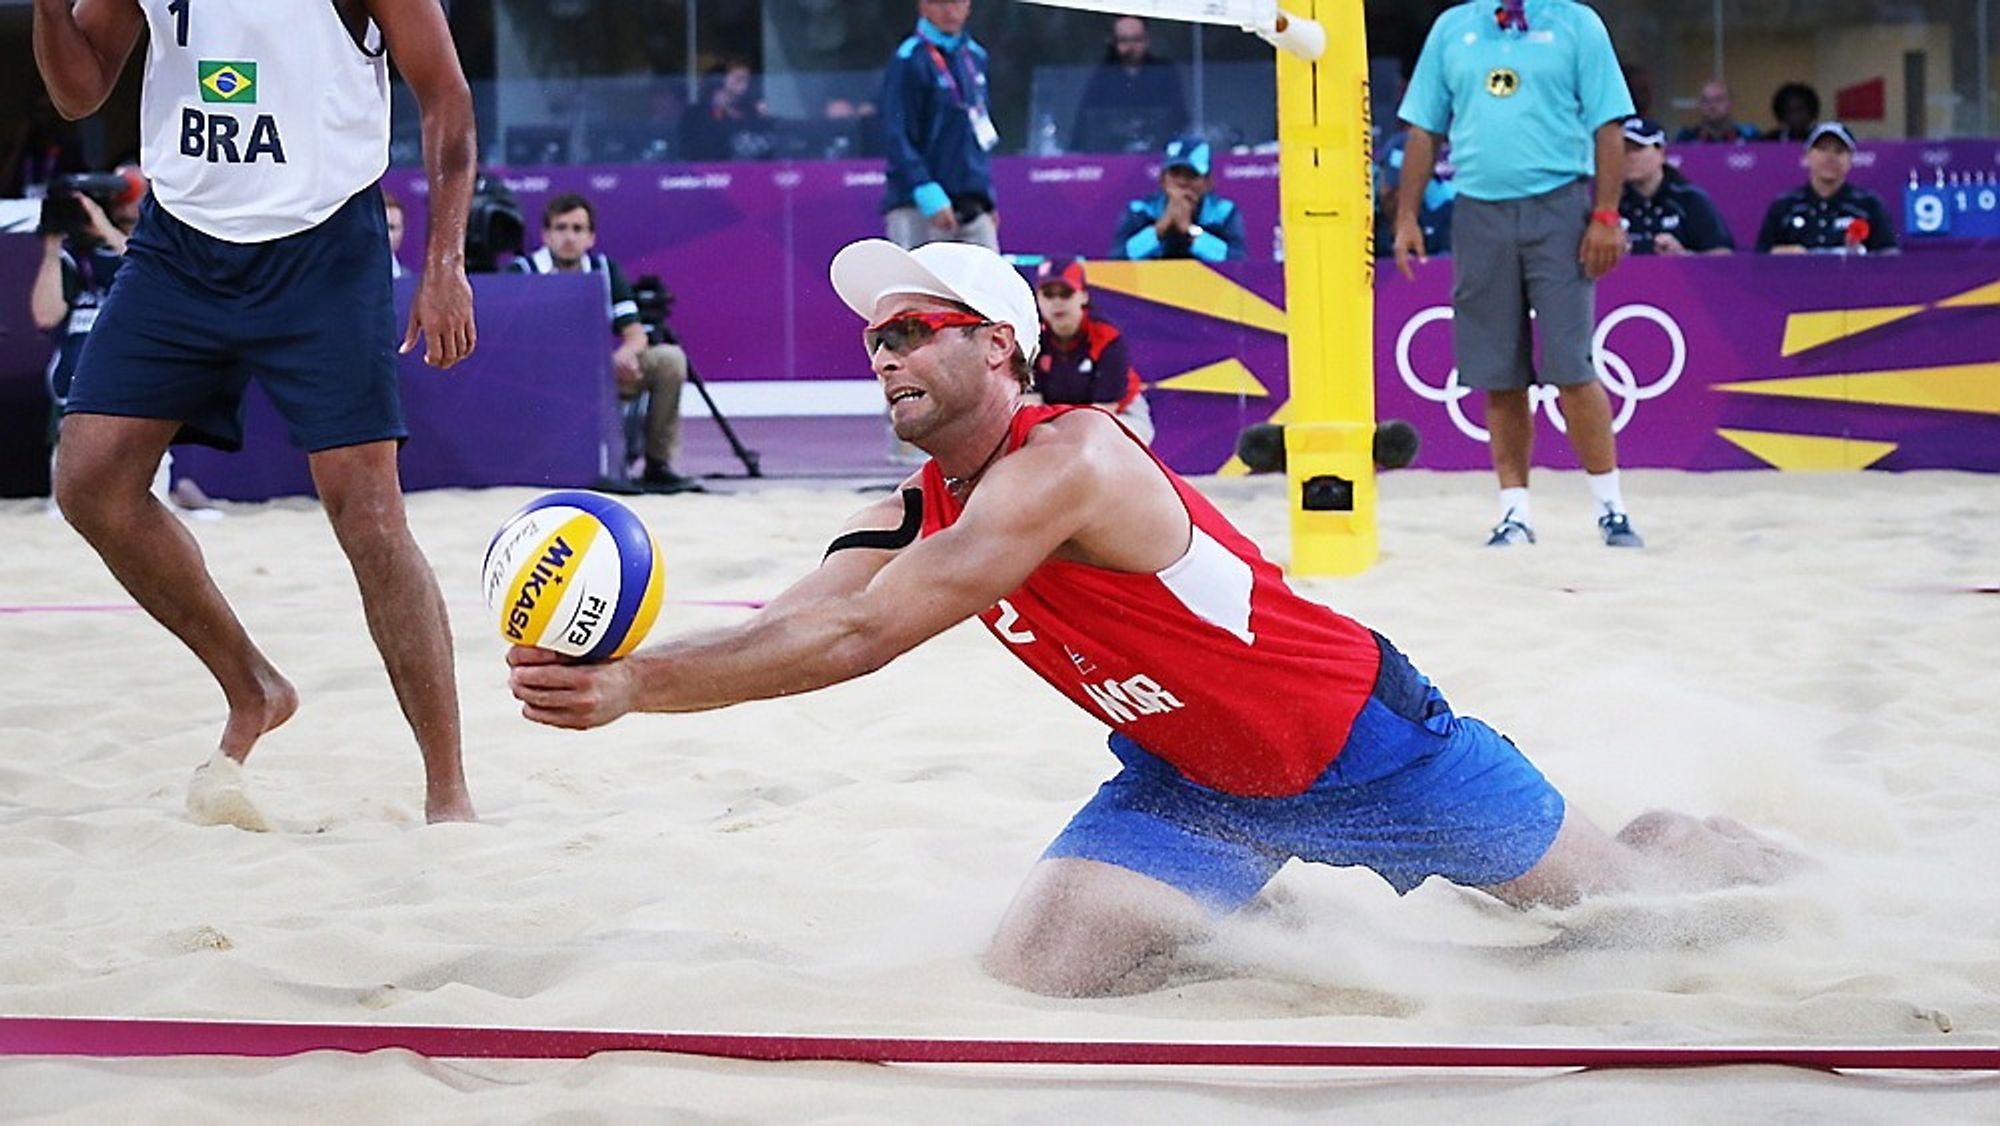 NRK sender OL fra London via to TV-kanaler og sju nettkanaler. Her norske Tarjei Skarlund i kamp mot Brasil i sandvolleyball.